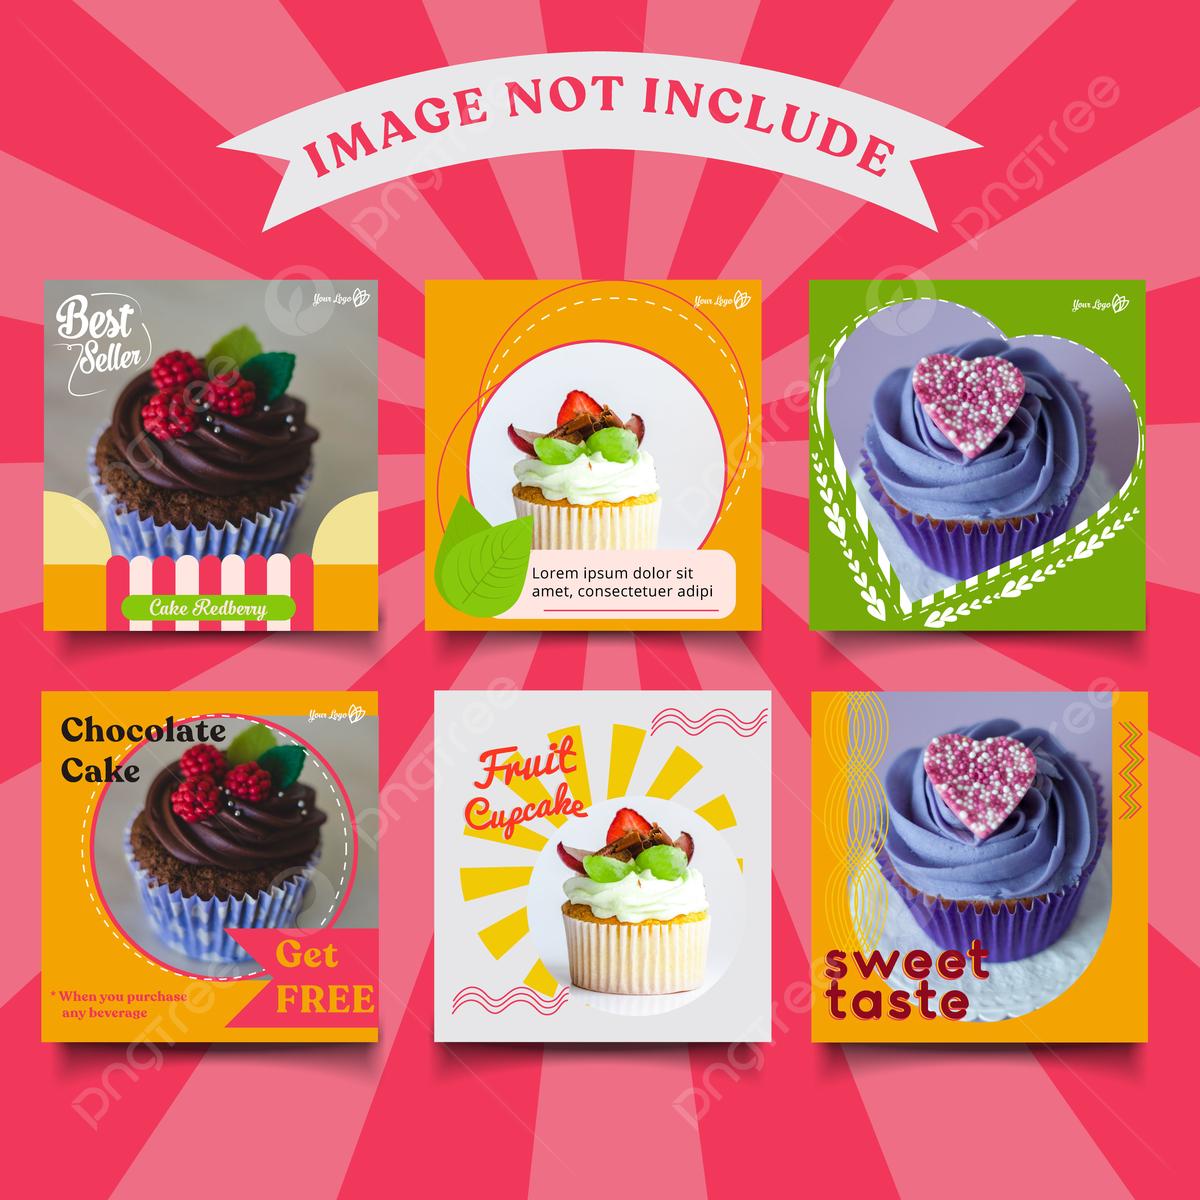 Iklan Sederhana Template Posting Media Sosial Untuk Promosi Makanan Atau Kue Lucu Templat Untuk Unduh Gratis Di Pngtree